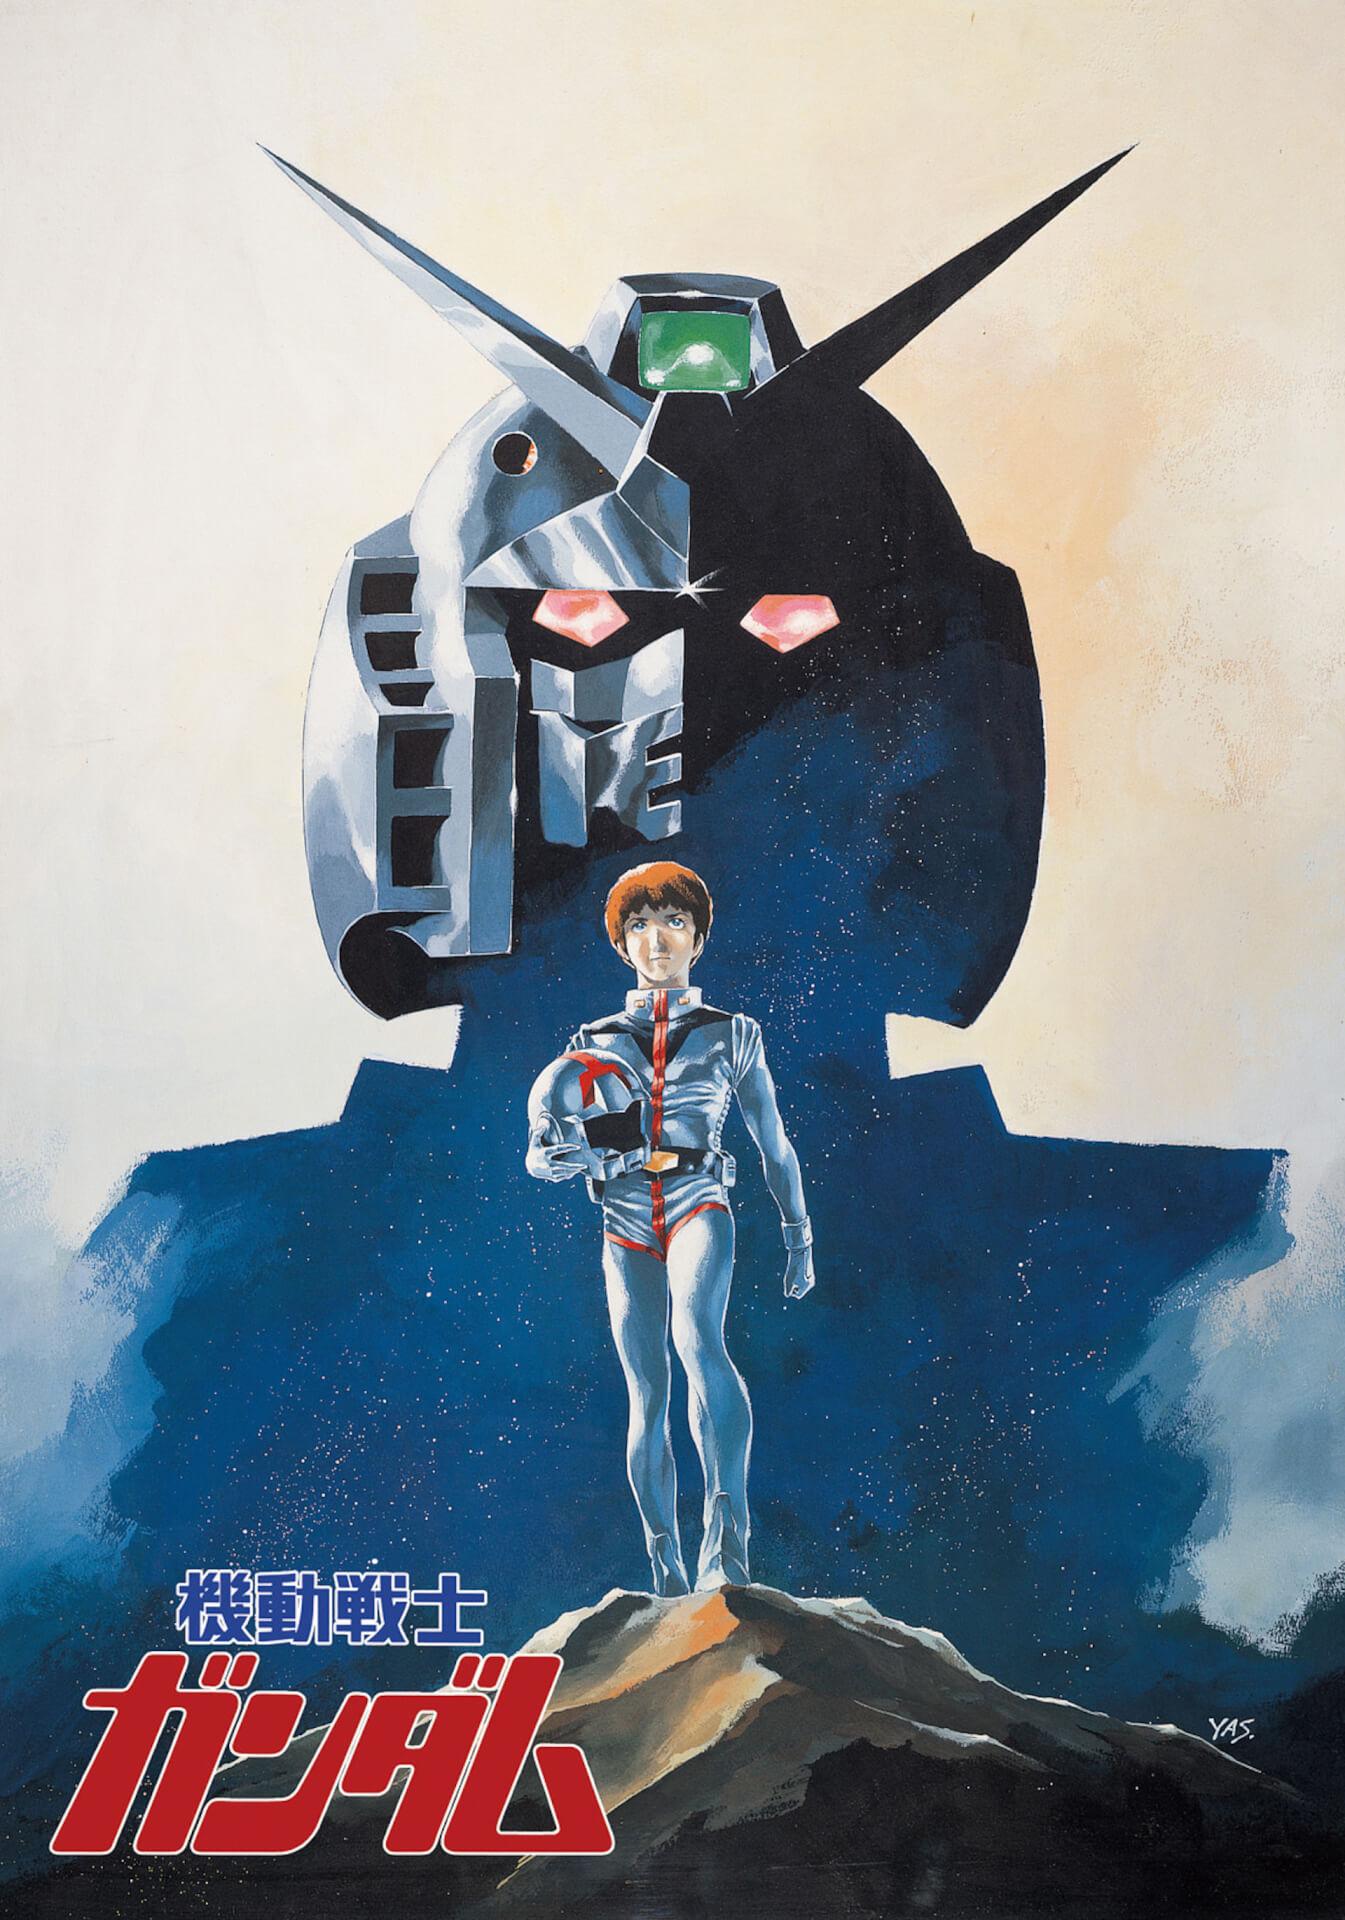 最新鋭技術を駆使した『ガンダム映像新体験TOUR』第2弾の上映開催が発表|本邦初公開となる『機動戦士ガンダムSEED』スペシャルエディション作品も上映 film_191114_gundam_2